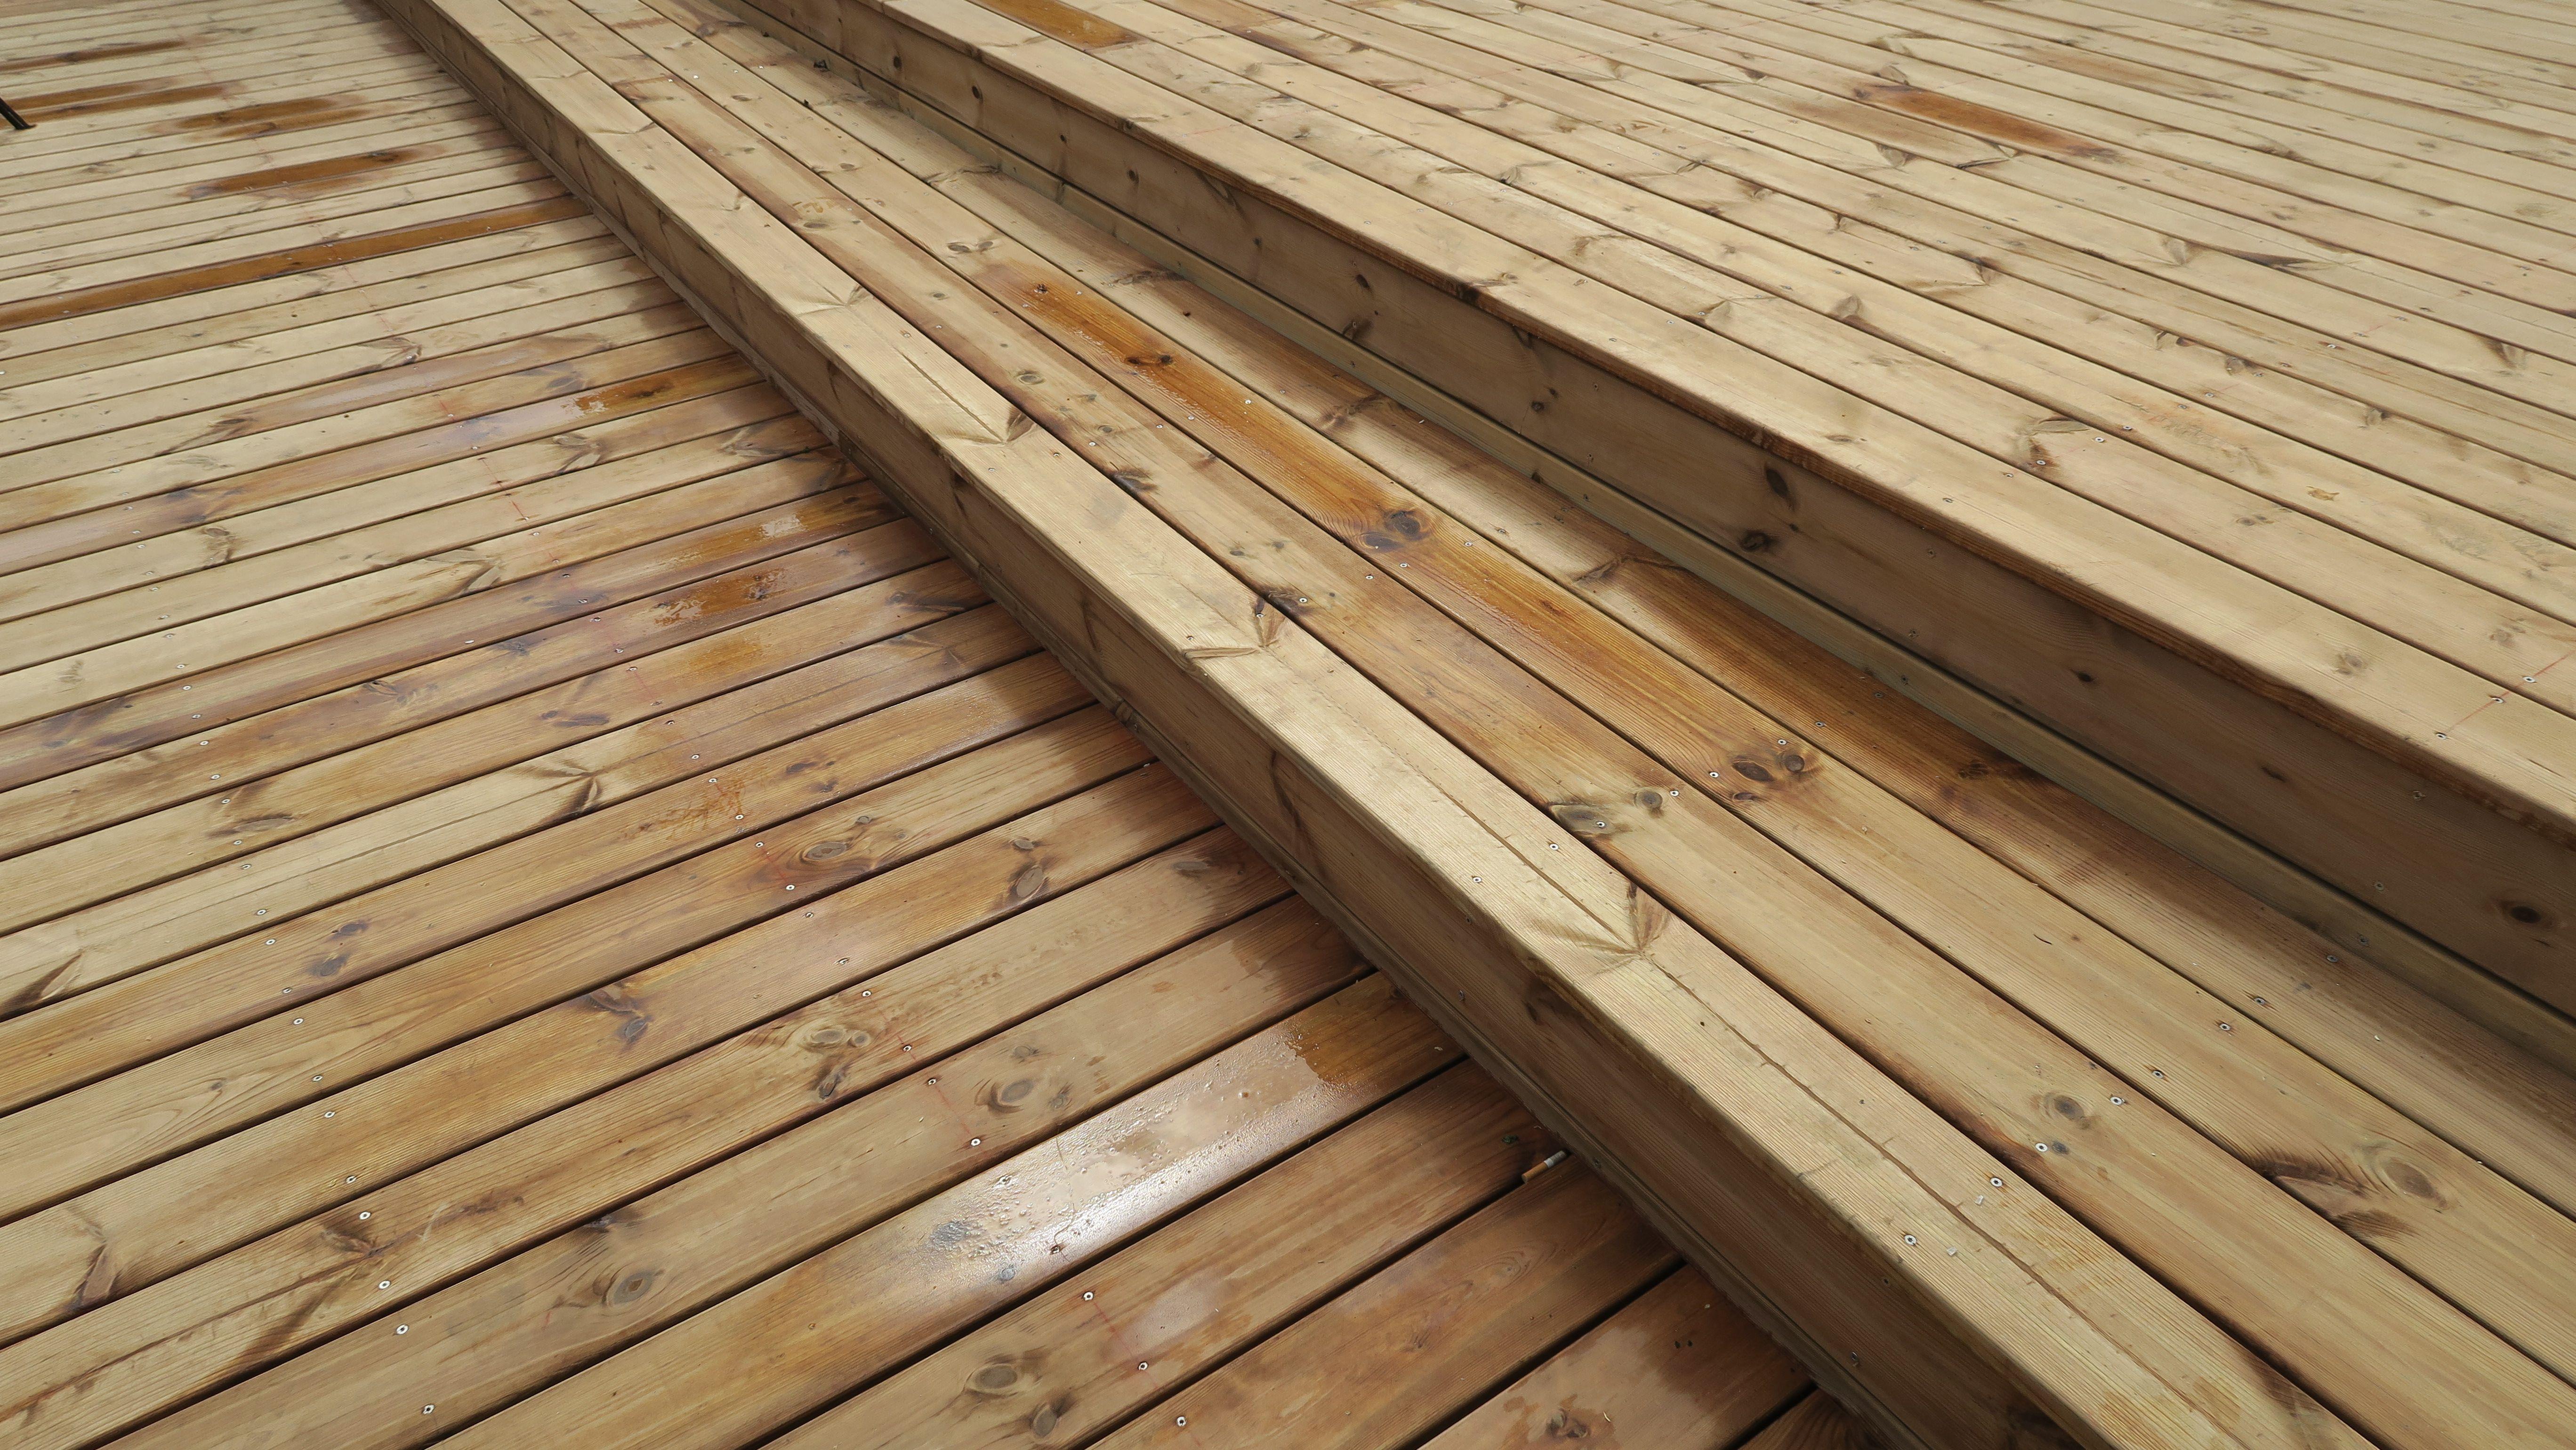 terrasse r alis e en bois europ en sapin rouge du nord. Black Bedroom Furniture Sets. Home Design Ideas